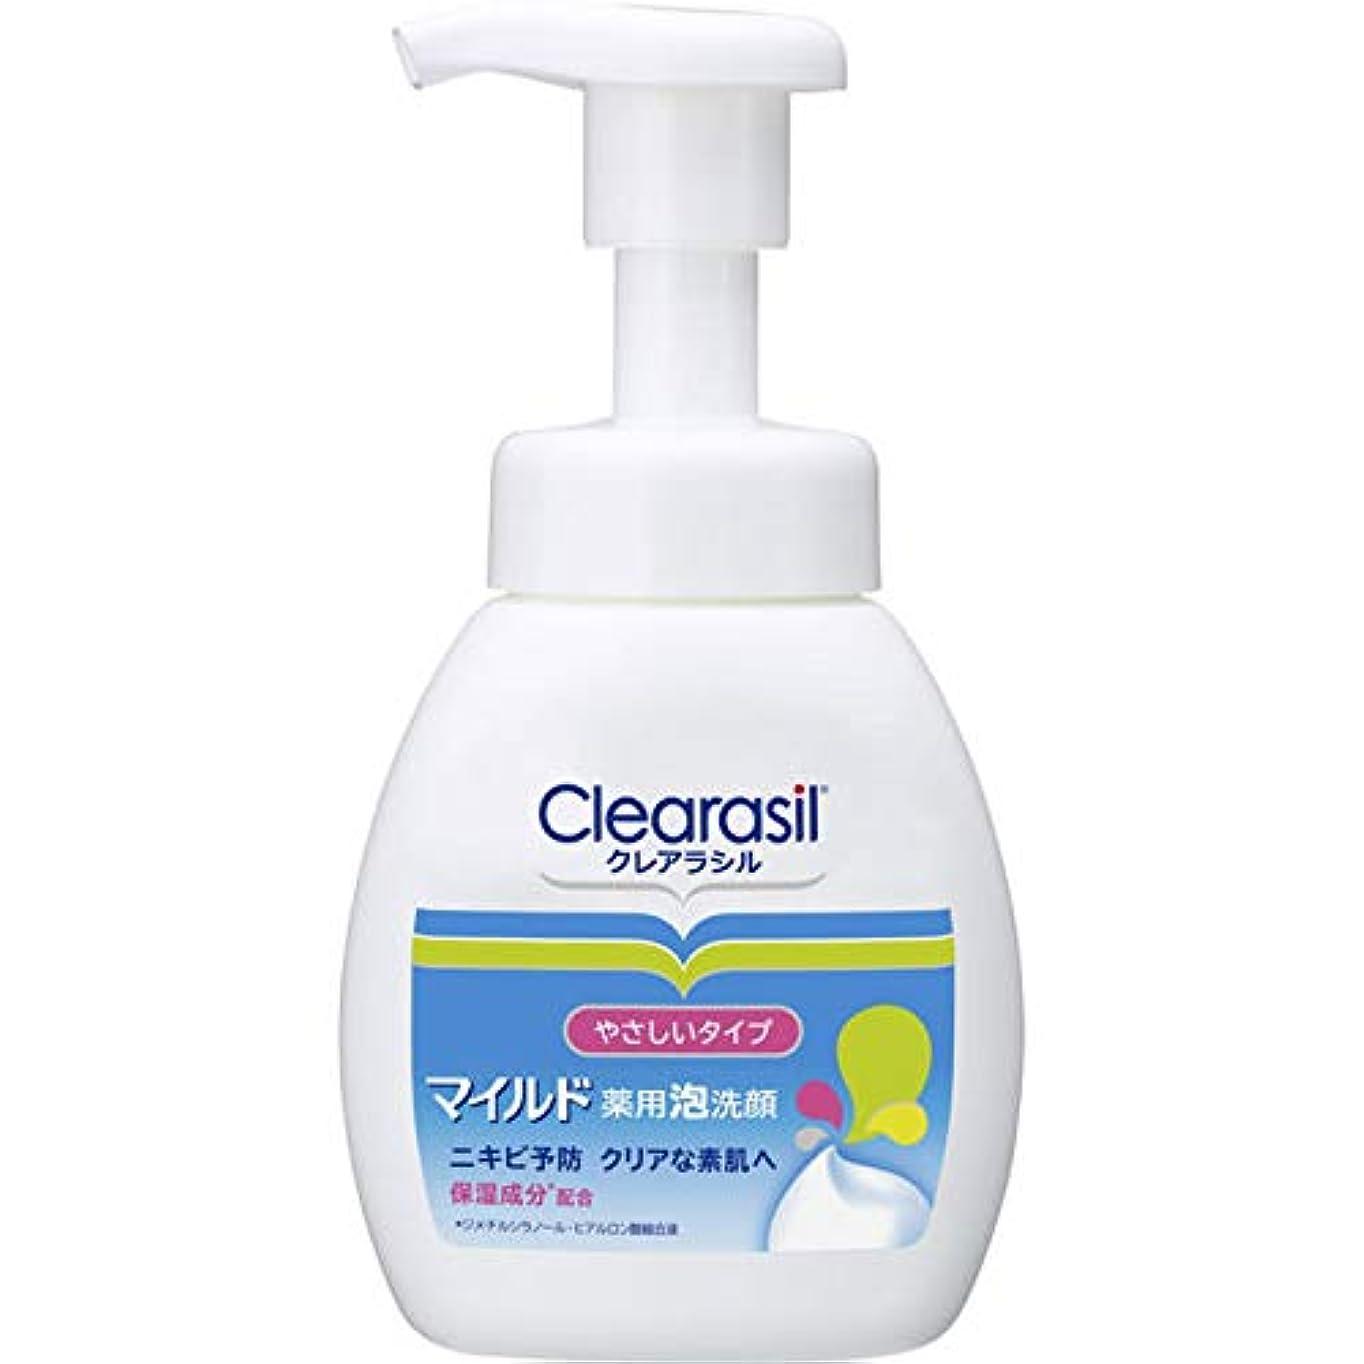 バーチャル申請者違反レキットベンキーザー?ジャパン クレアラシル 薬用泡洗顔フォーム マイルドタイプ 200ml